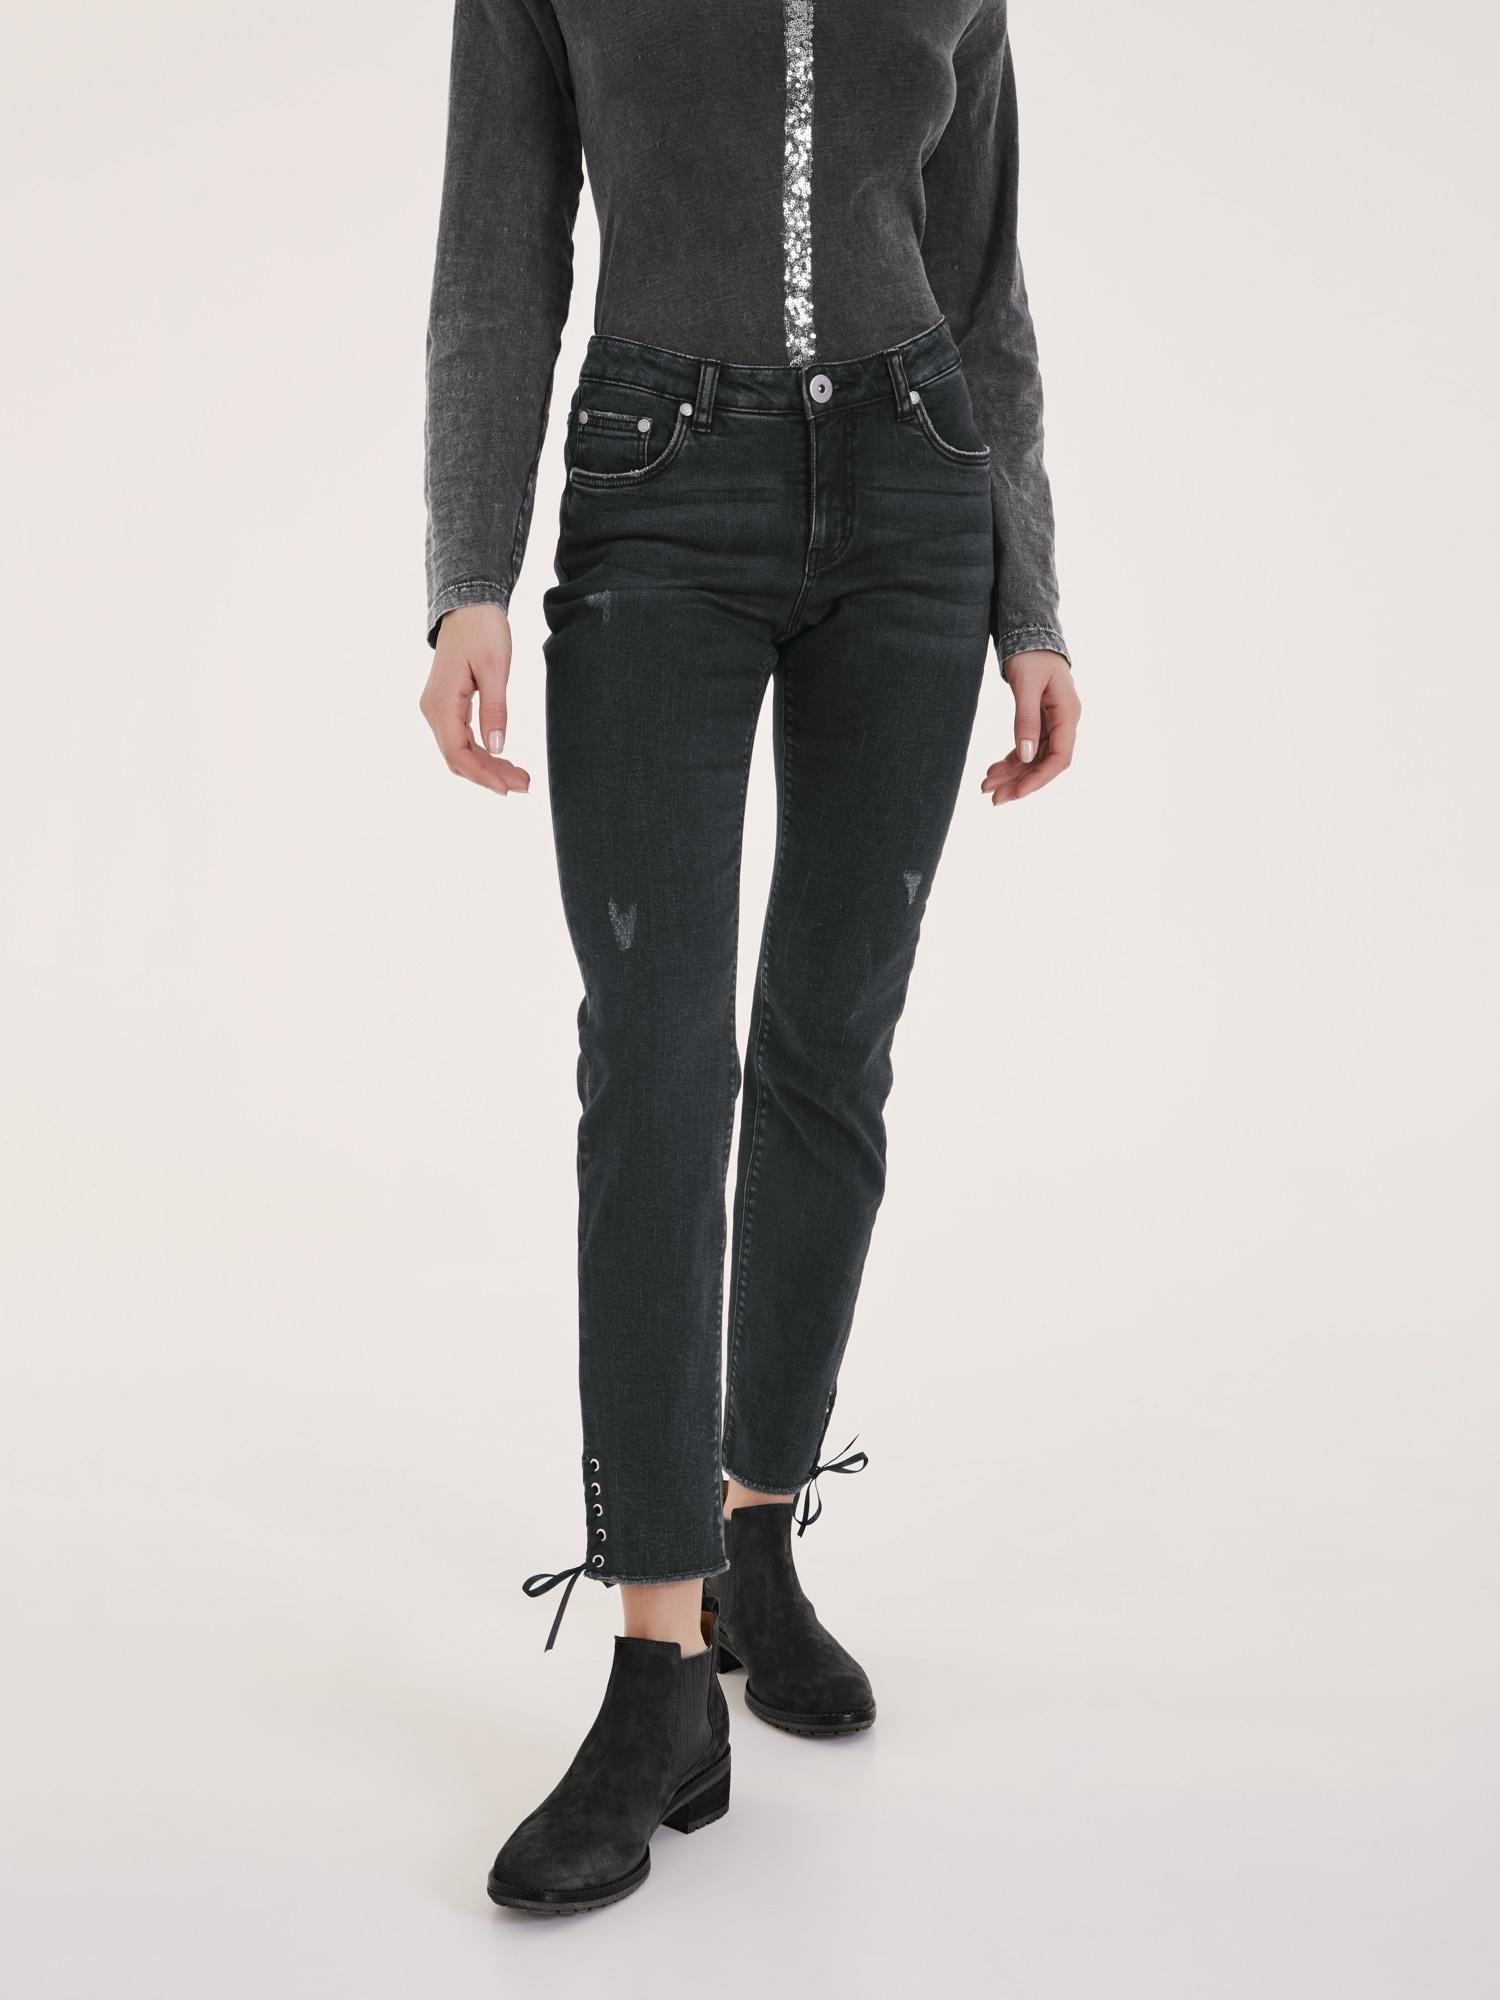 heine casual jeans mit schn rung am bein f r baur. Black Bedroom Furniture Sets. Home Design Ideas